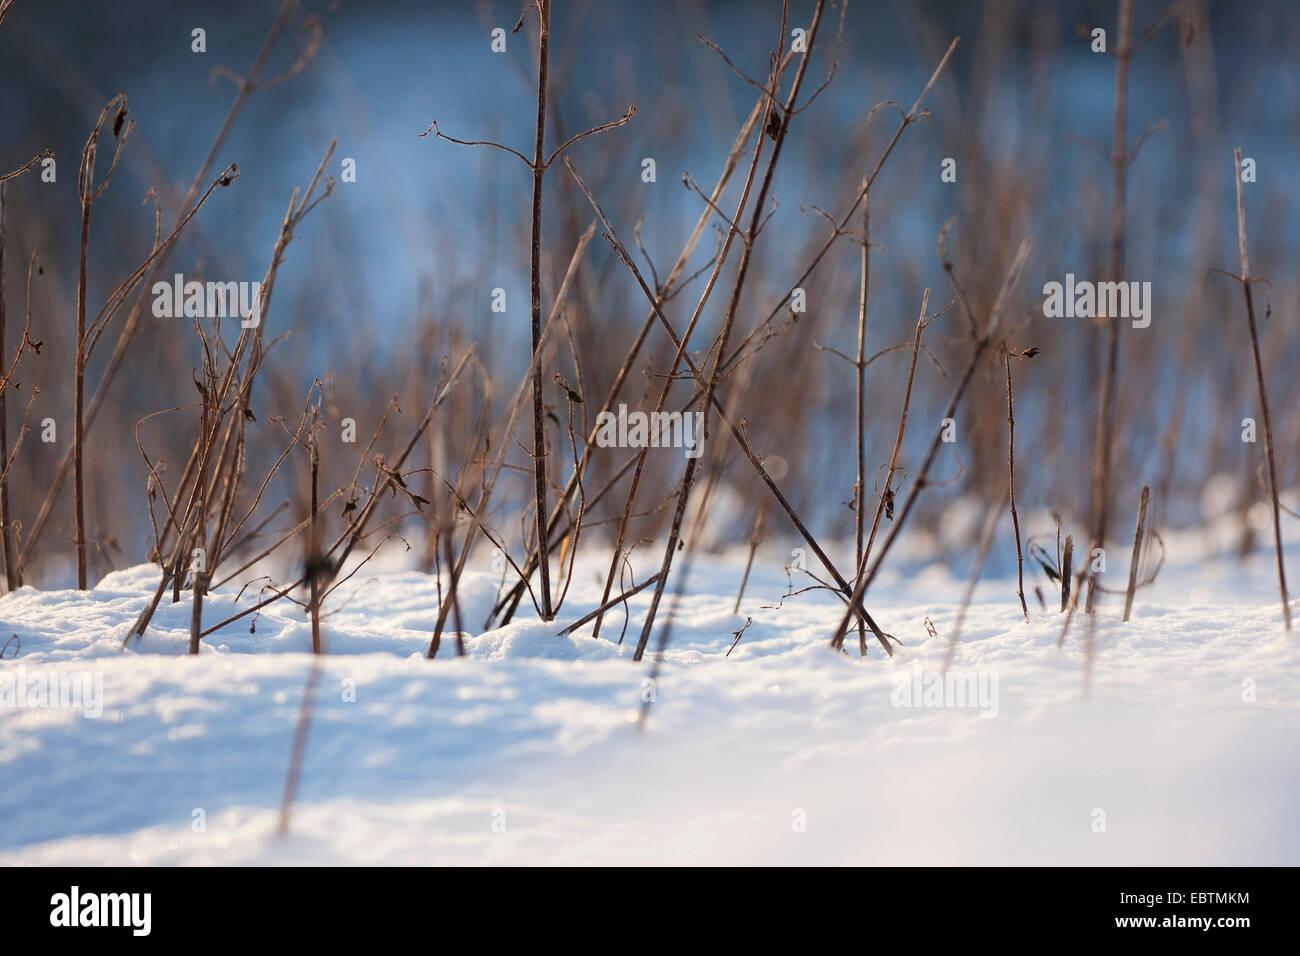 Lames flétri dans la neige, l'Allemagne, Rhénanie-Palatinat Photo Stock